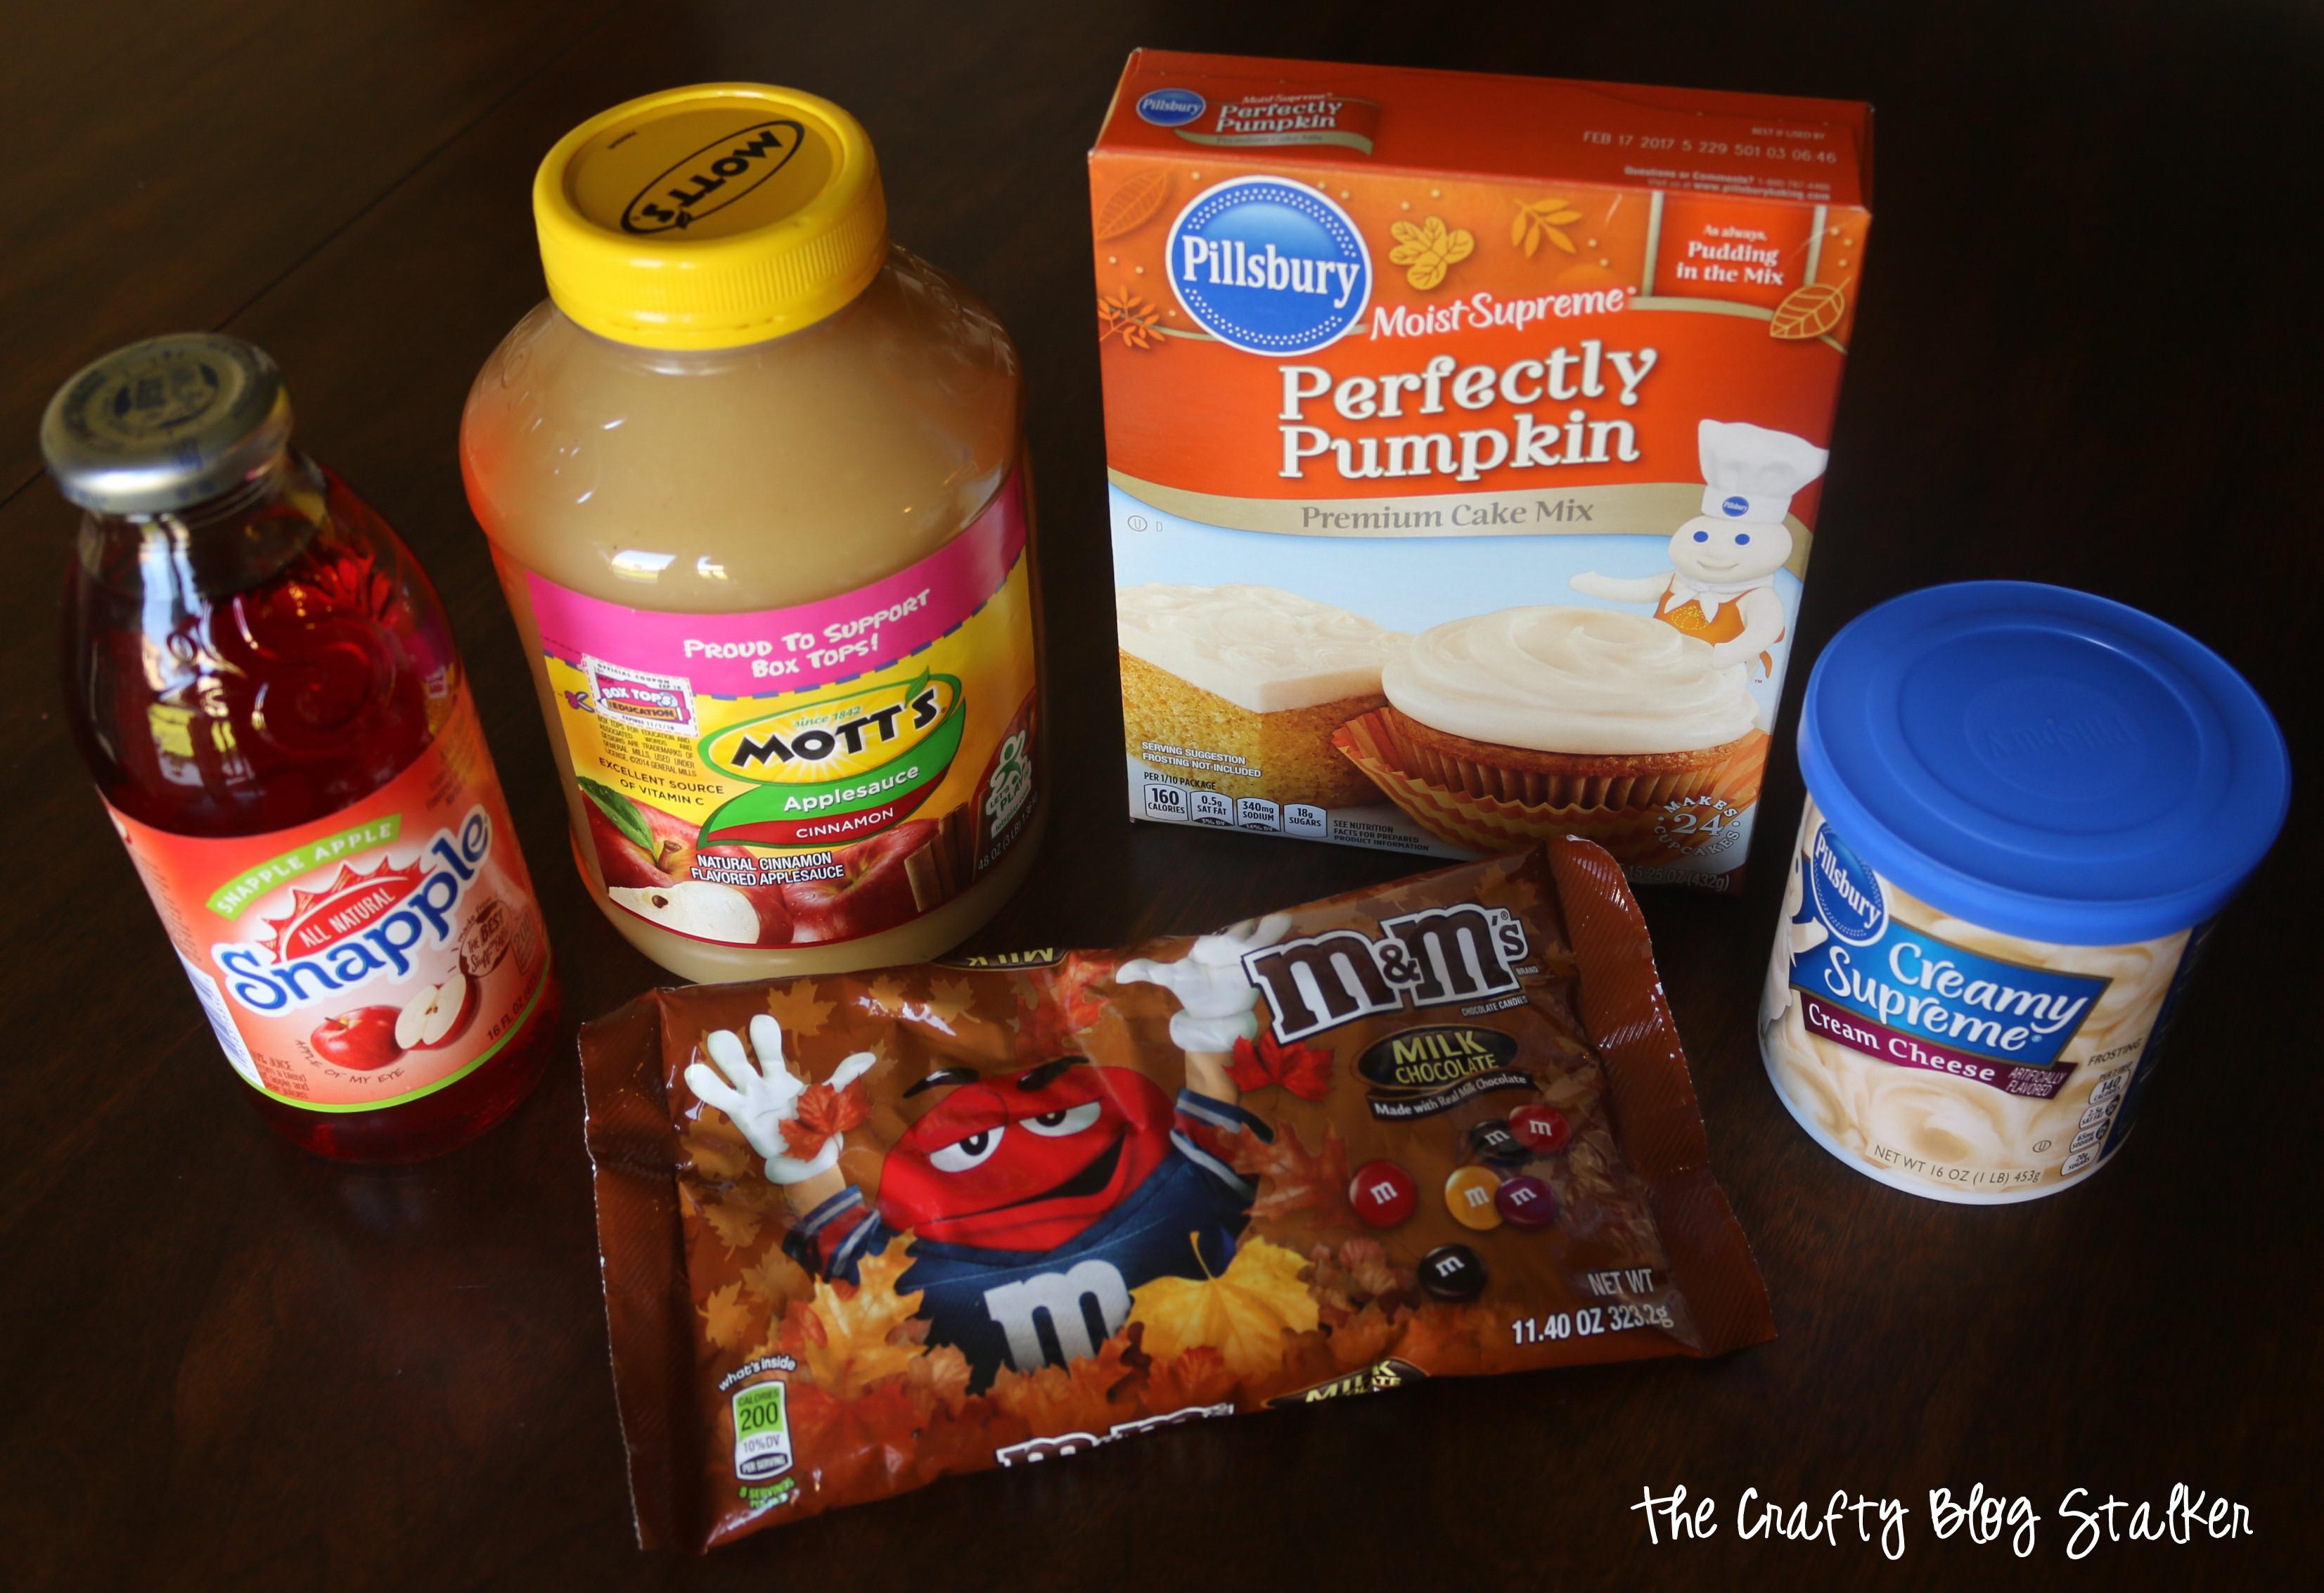 9f62141f5937 Pumpkin-Bundt-Cake -1 - The Crafty Blog Stalker